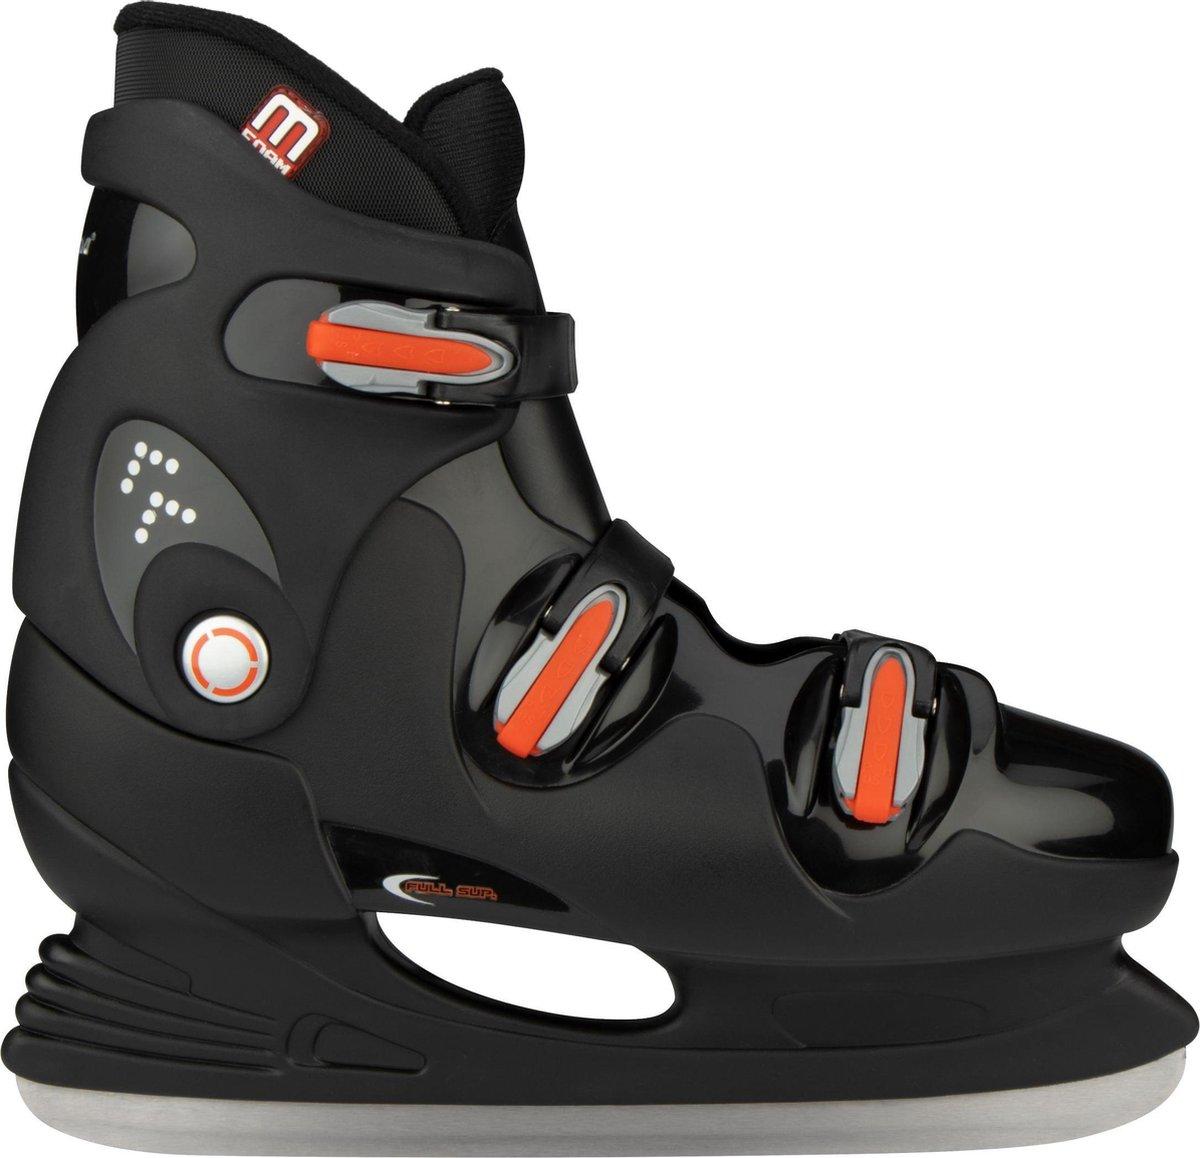 Nijdam 0089 IJshockeyschaats - Hardboot - Zwart/Rood - Maat 37